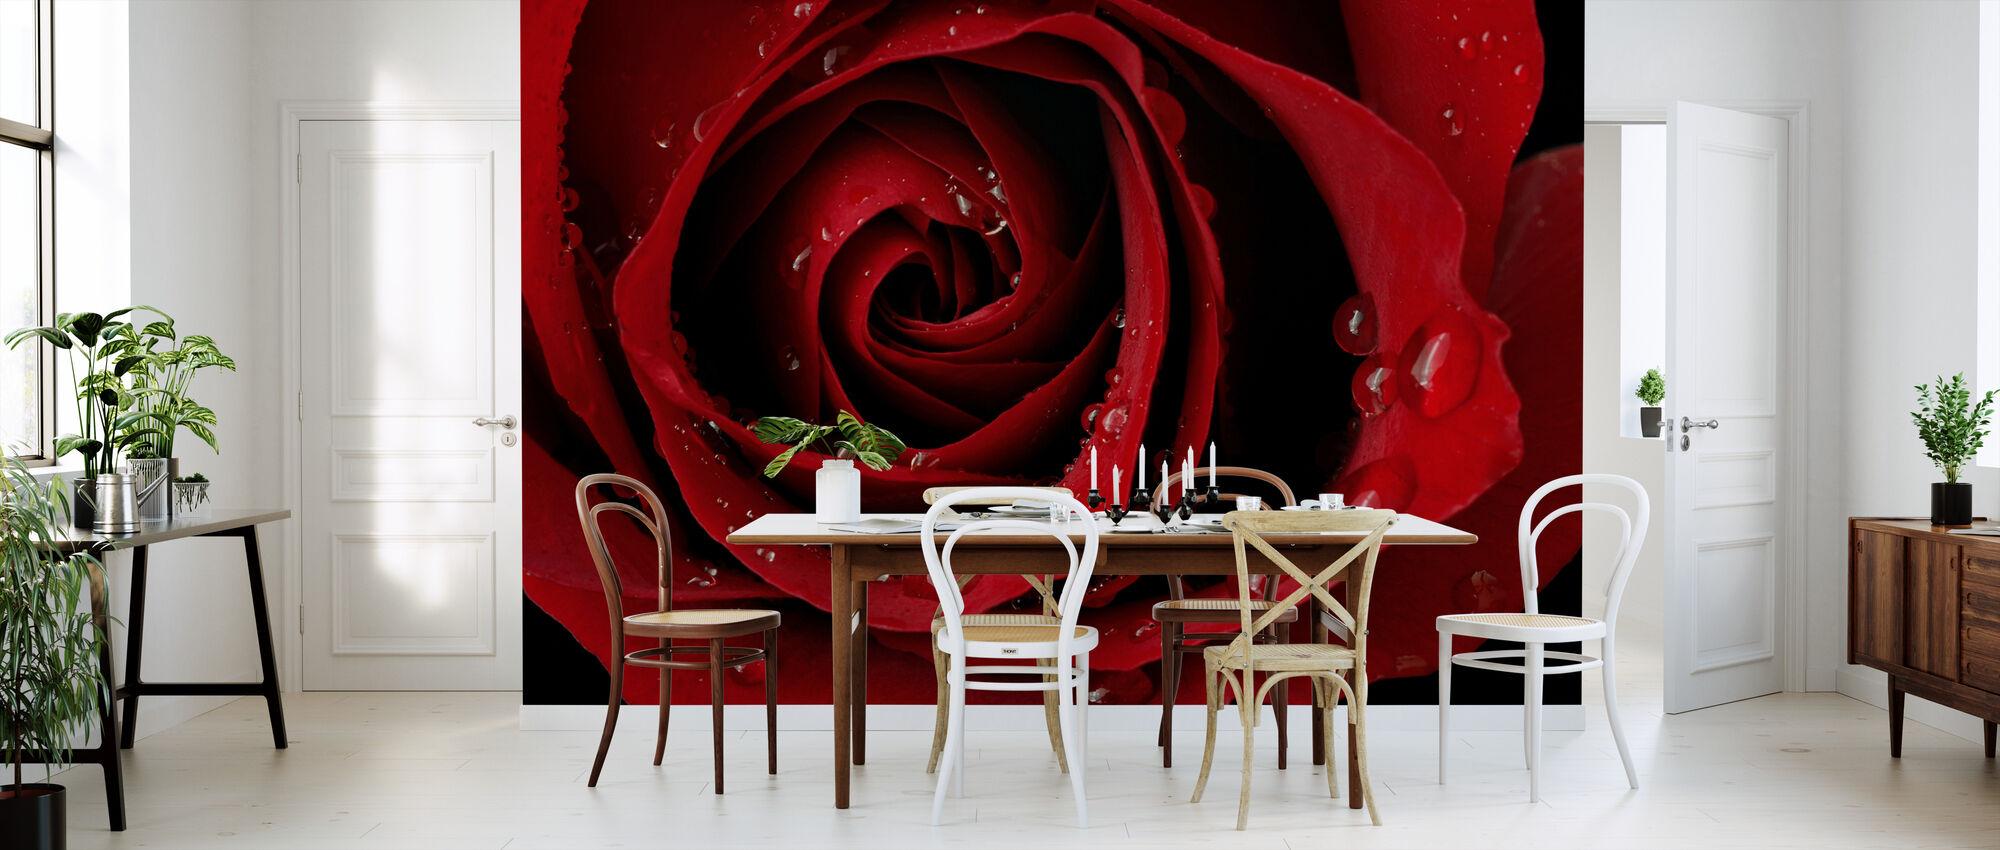 Donker Rode Roos - Behang - Keuken